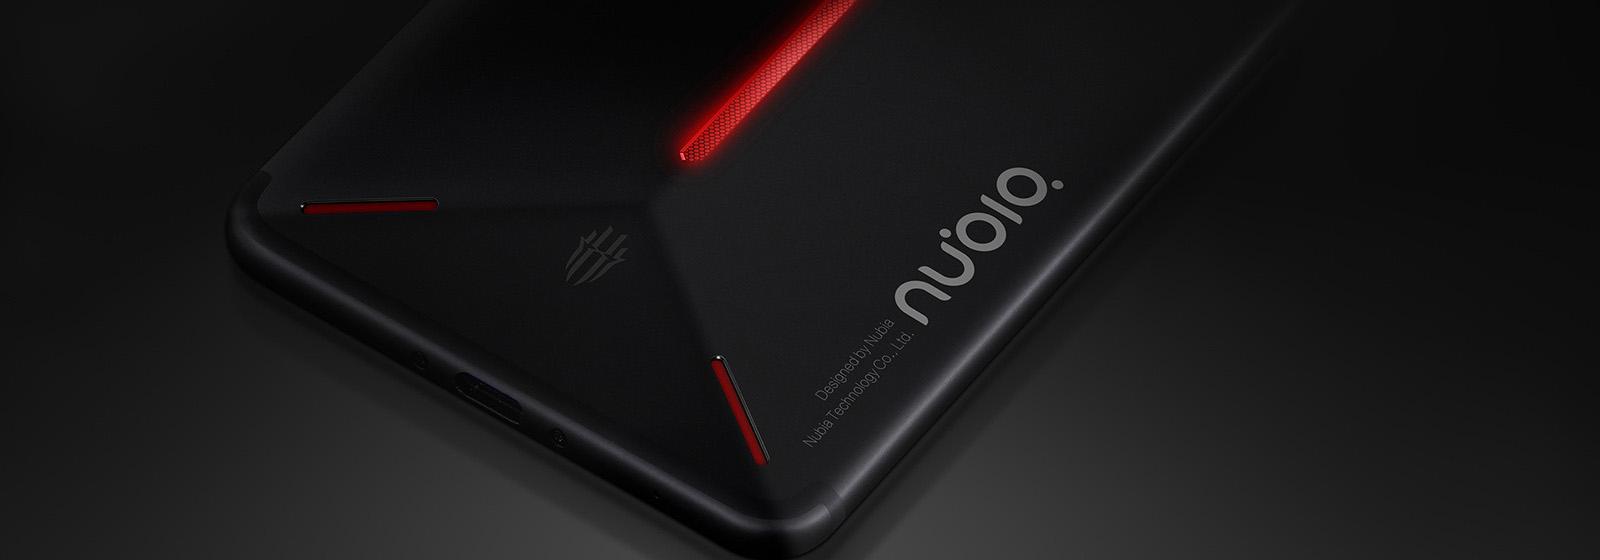 游戏手机盛行买了它才能打游戏?iPhone X:国产手机太会玩了